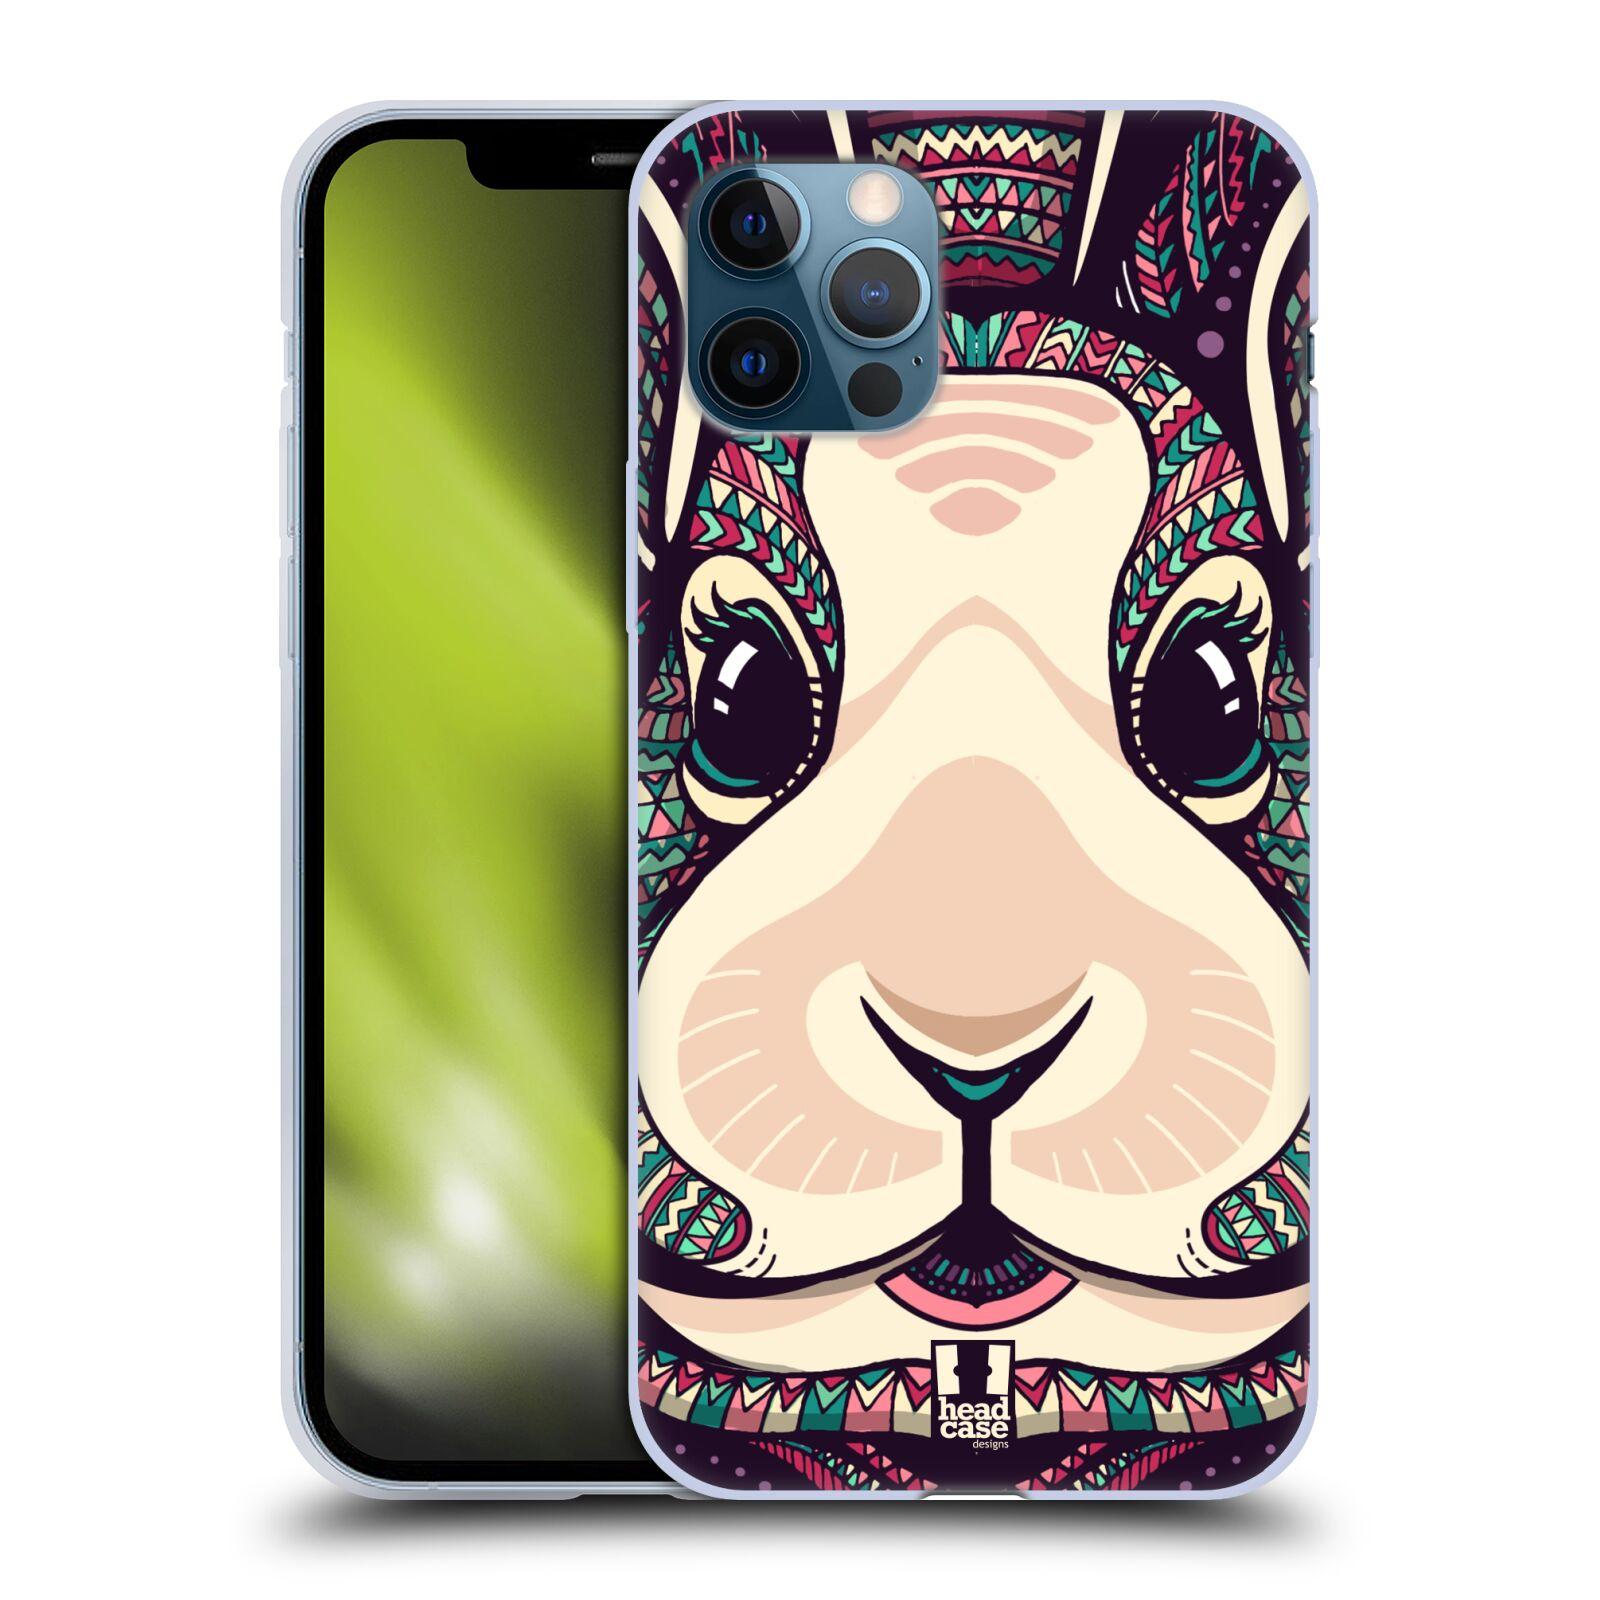 Silikonové pouzdro na mobil Apple iPhone 12 / 12 Pro - Head Case - AZTEC ZAJÍČEK